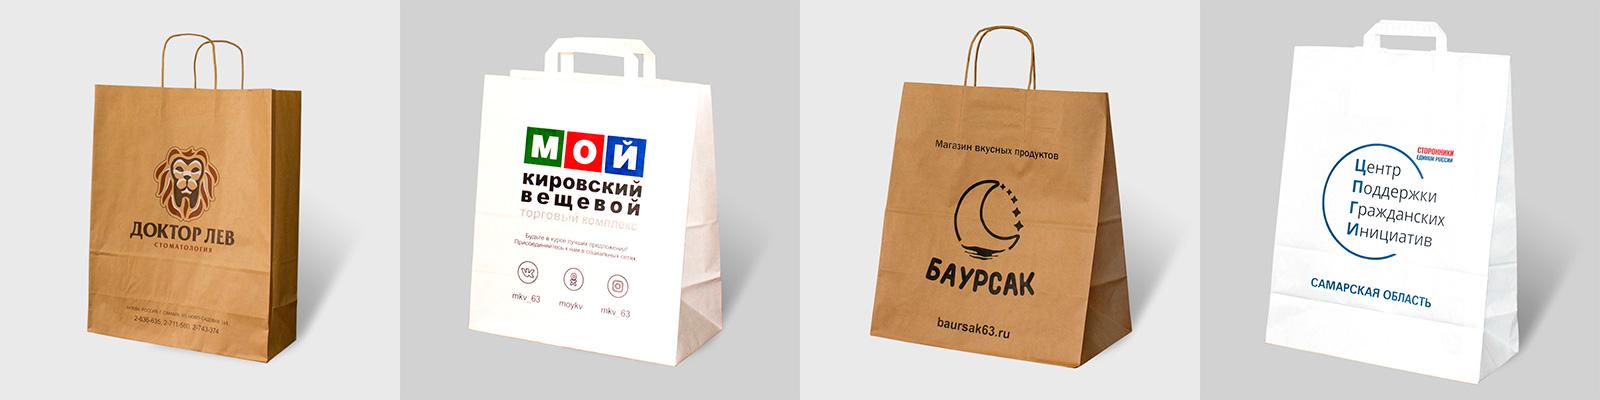 Крафт-пакеты с логотипом от moy-paket.ru